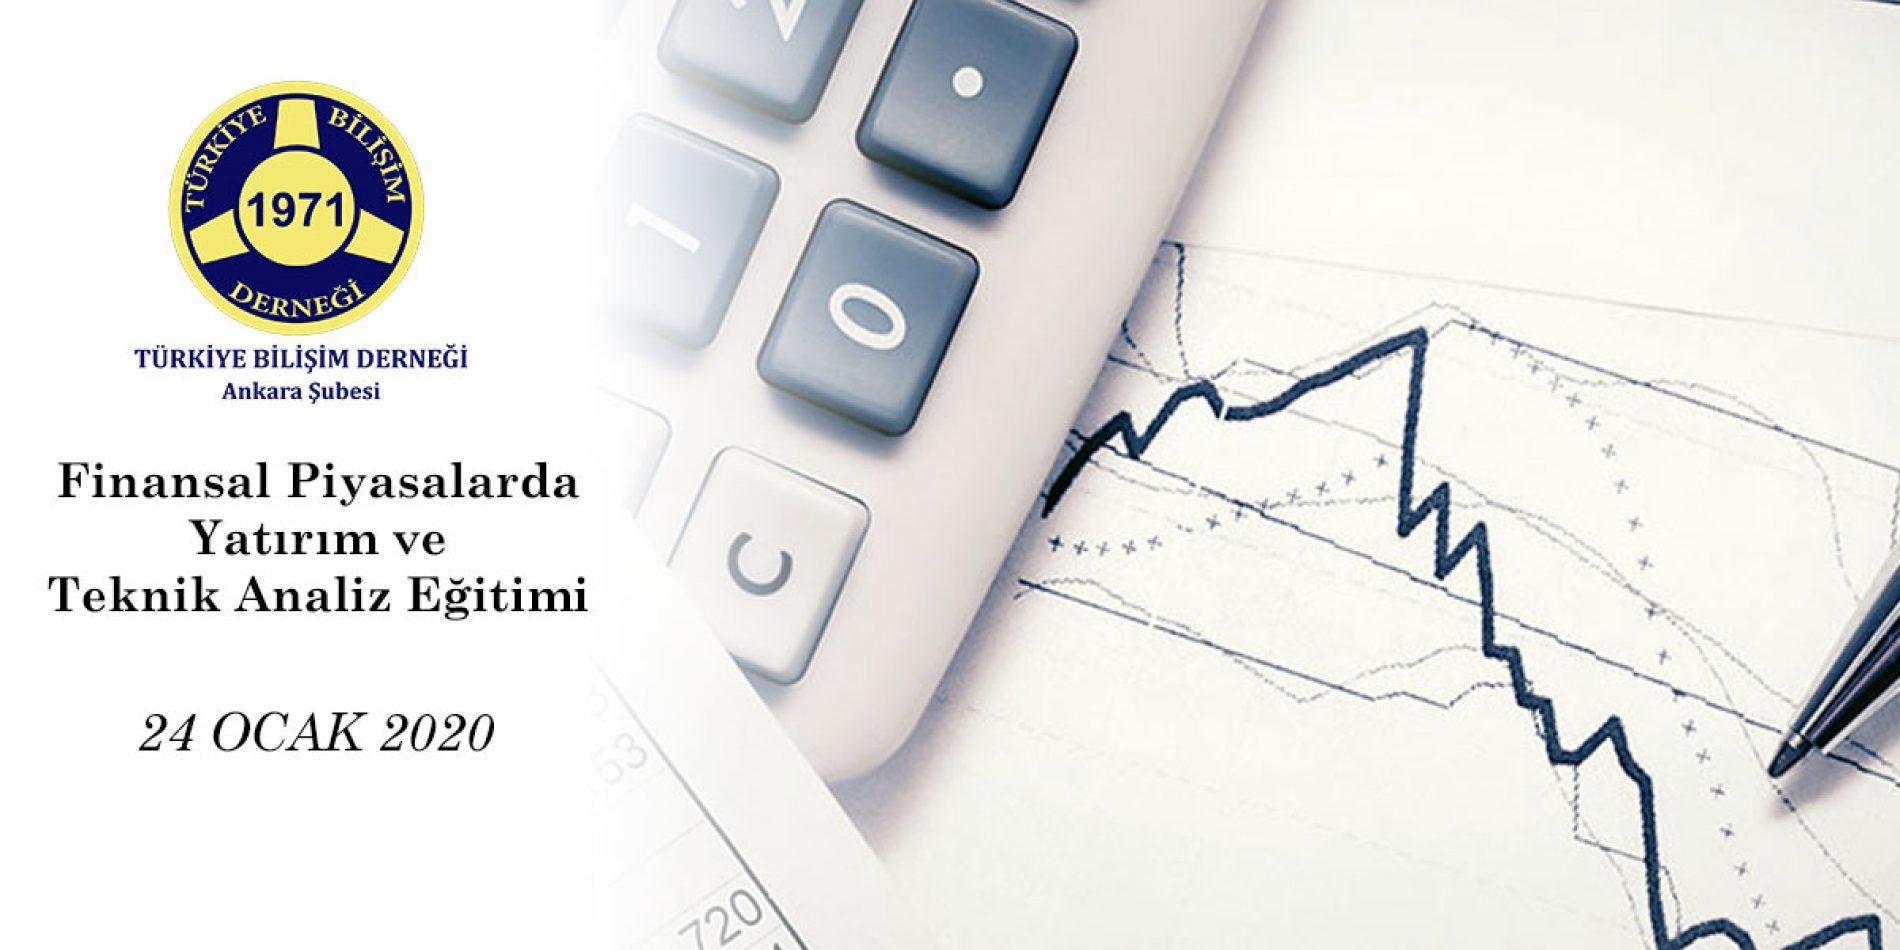 Finansal Piyasalarda Yatırım ve Teknik Analiz Eğitimi